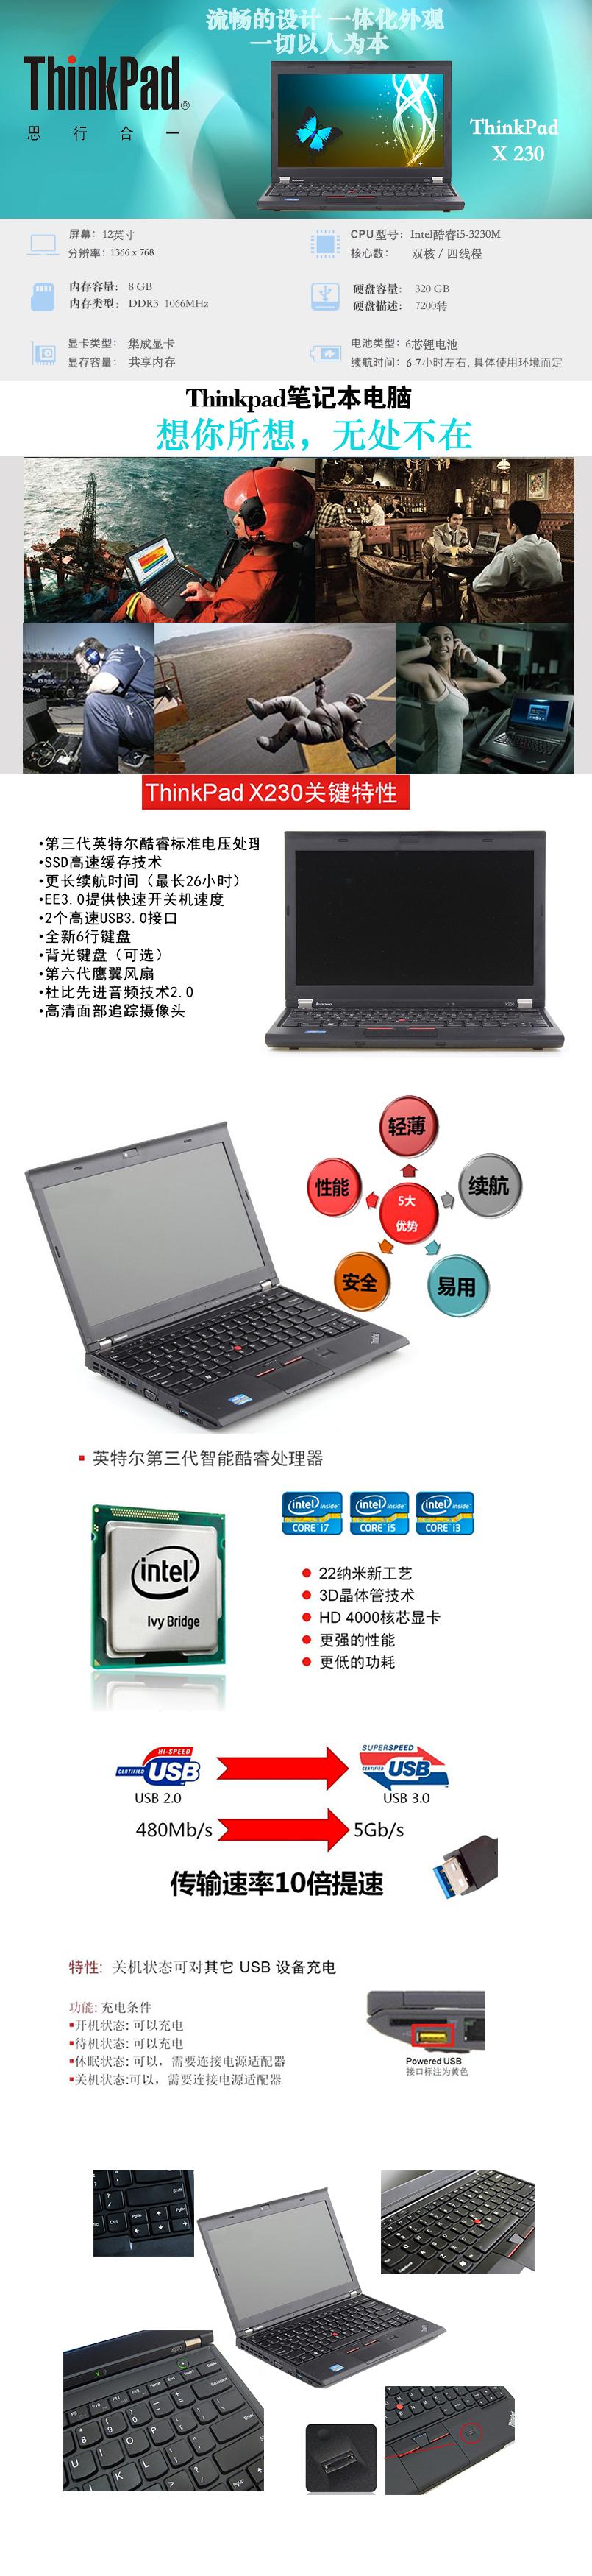 联想ThinkPad X230笔记本电脑租赁 I5处理器8G内存320G硬盘集成显卡